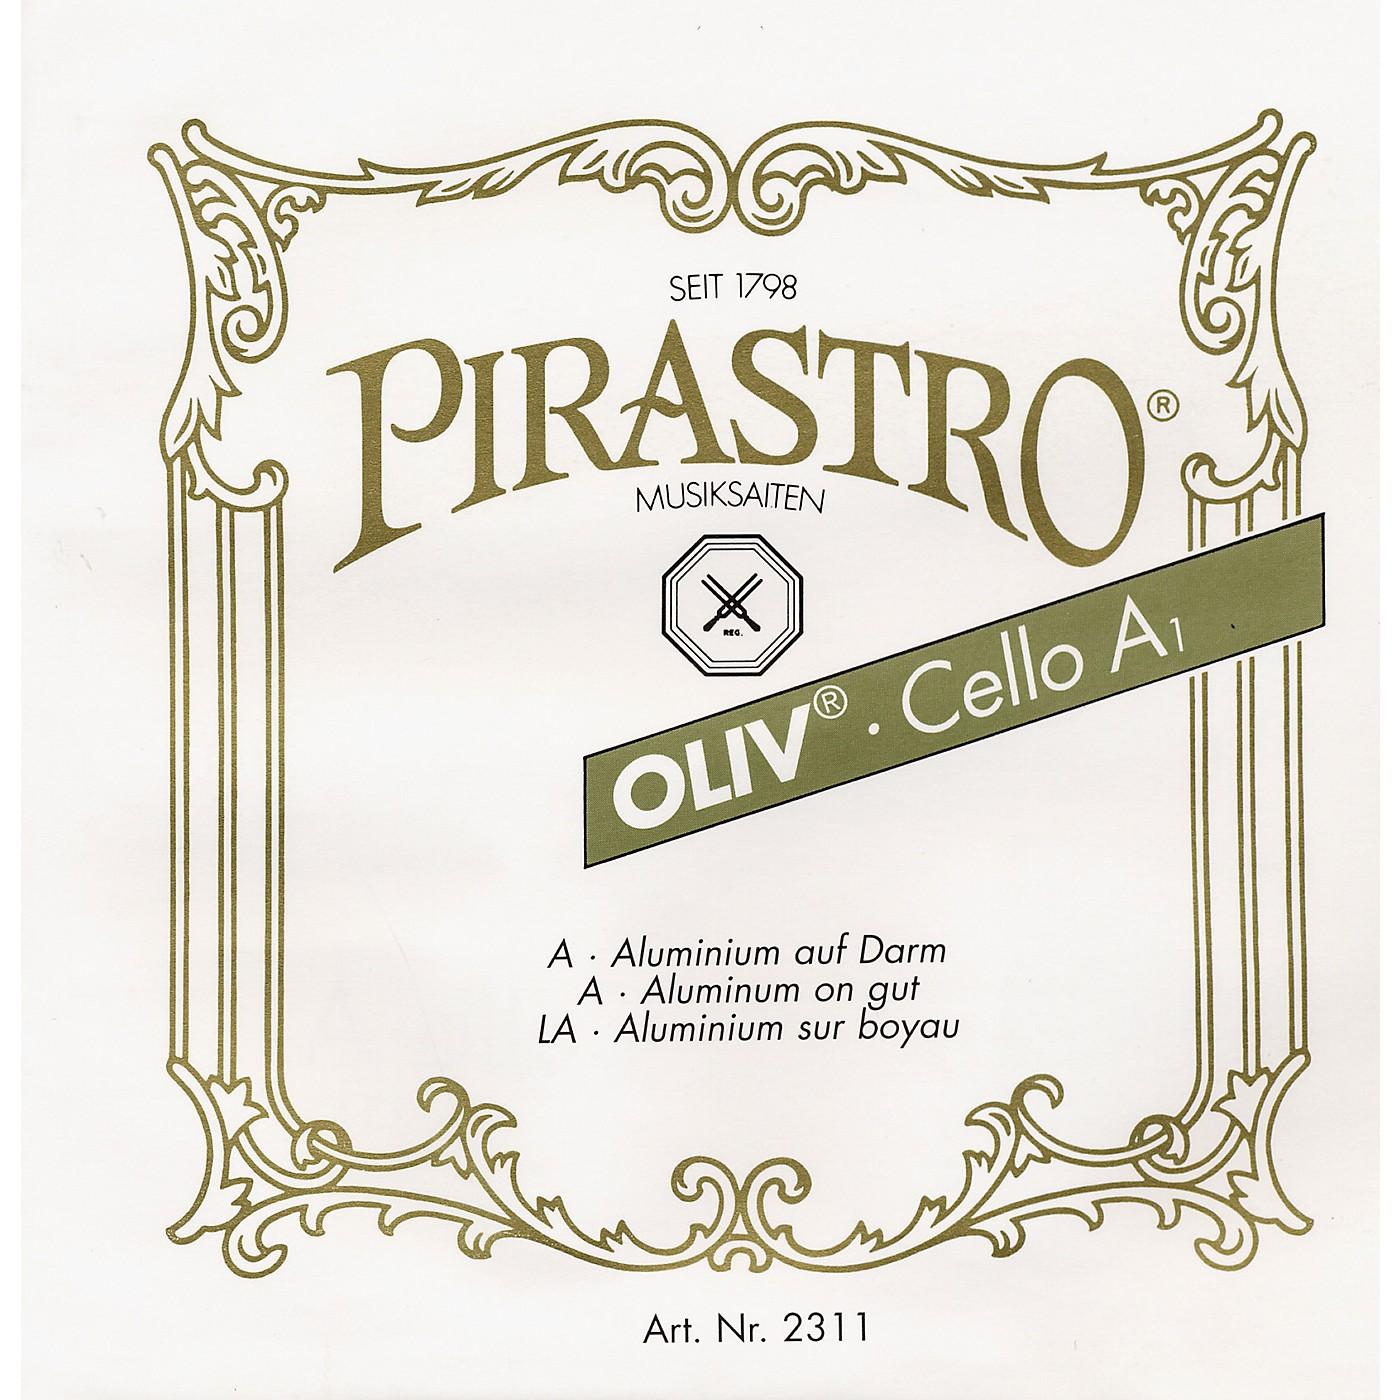 Pirastro Oliv Series Cello G String thumbnail